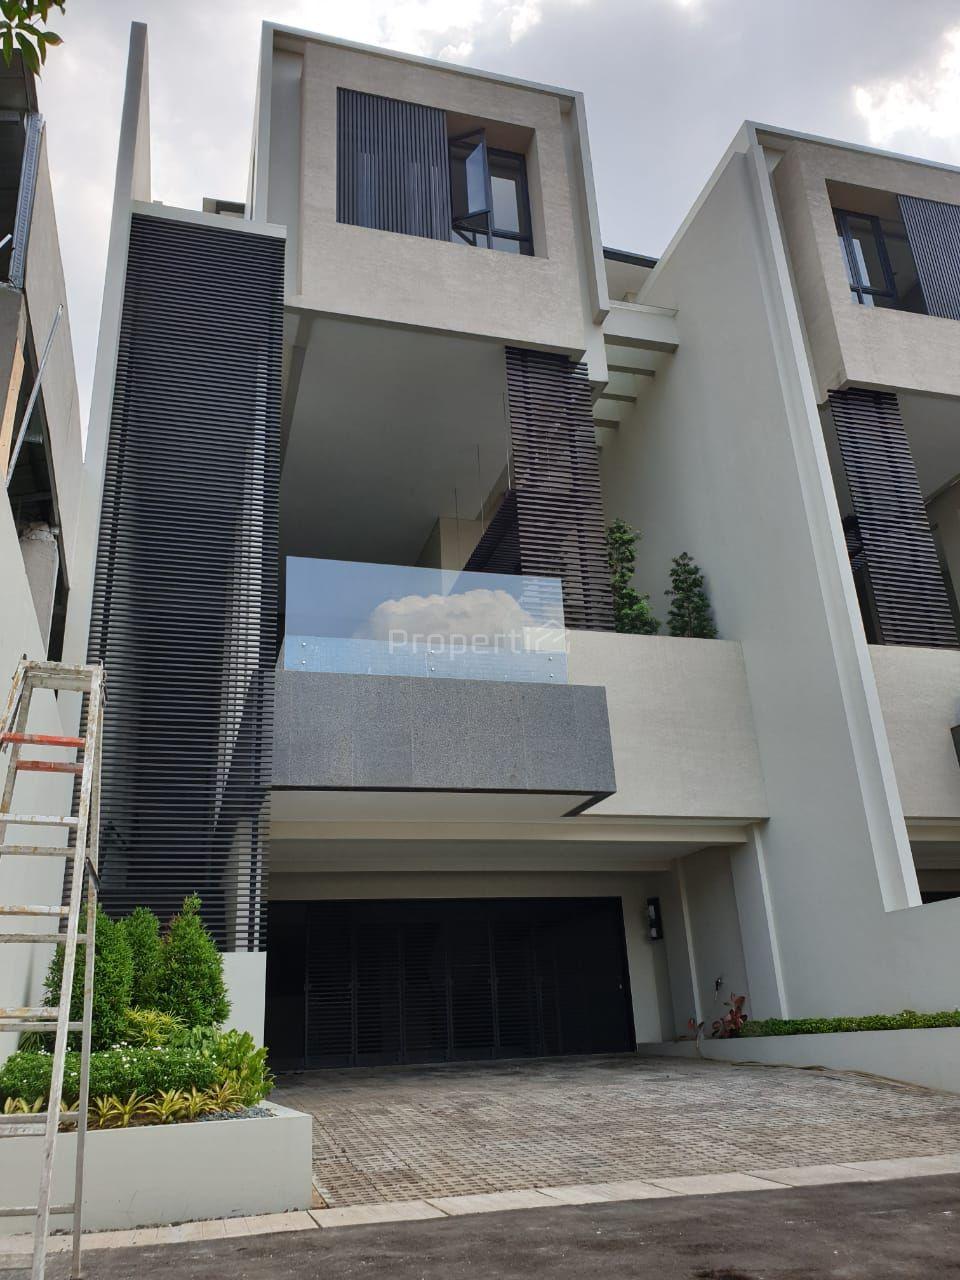 Townhouse in Bidakara, South Jakarta, DKI Jakarta